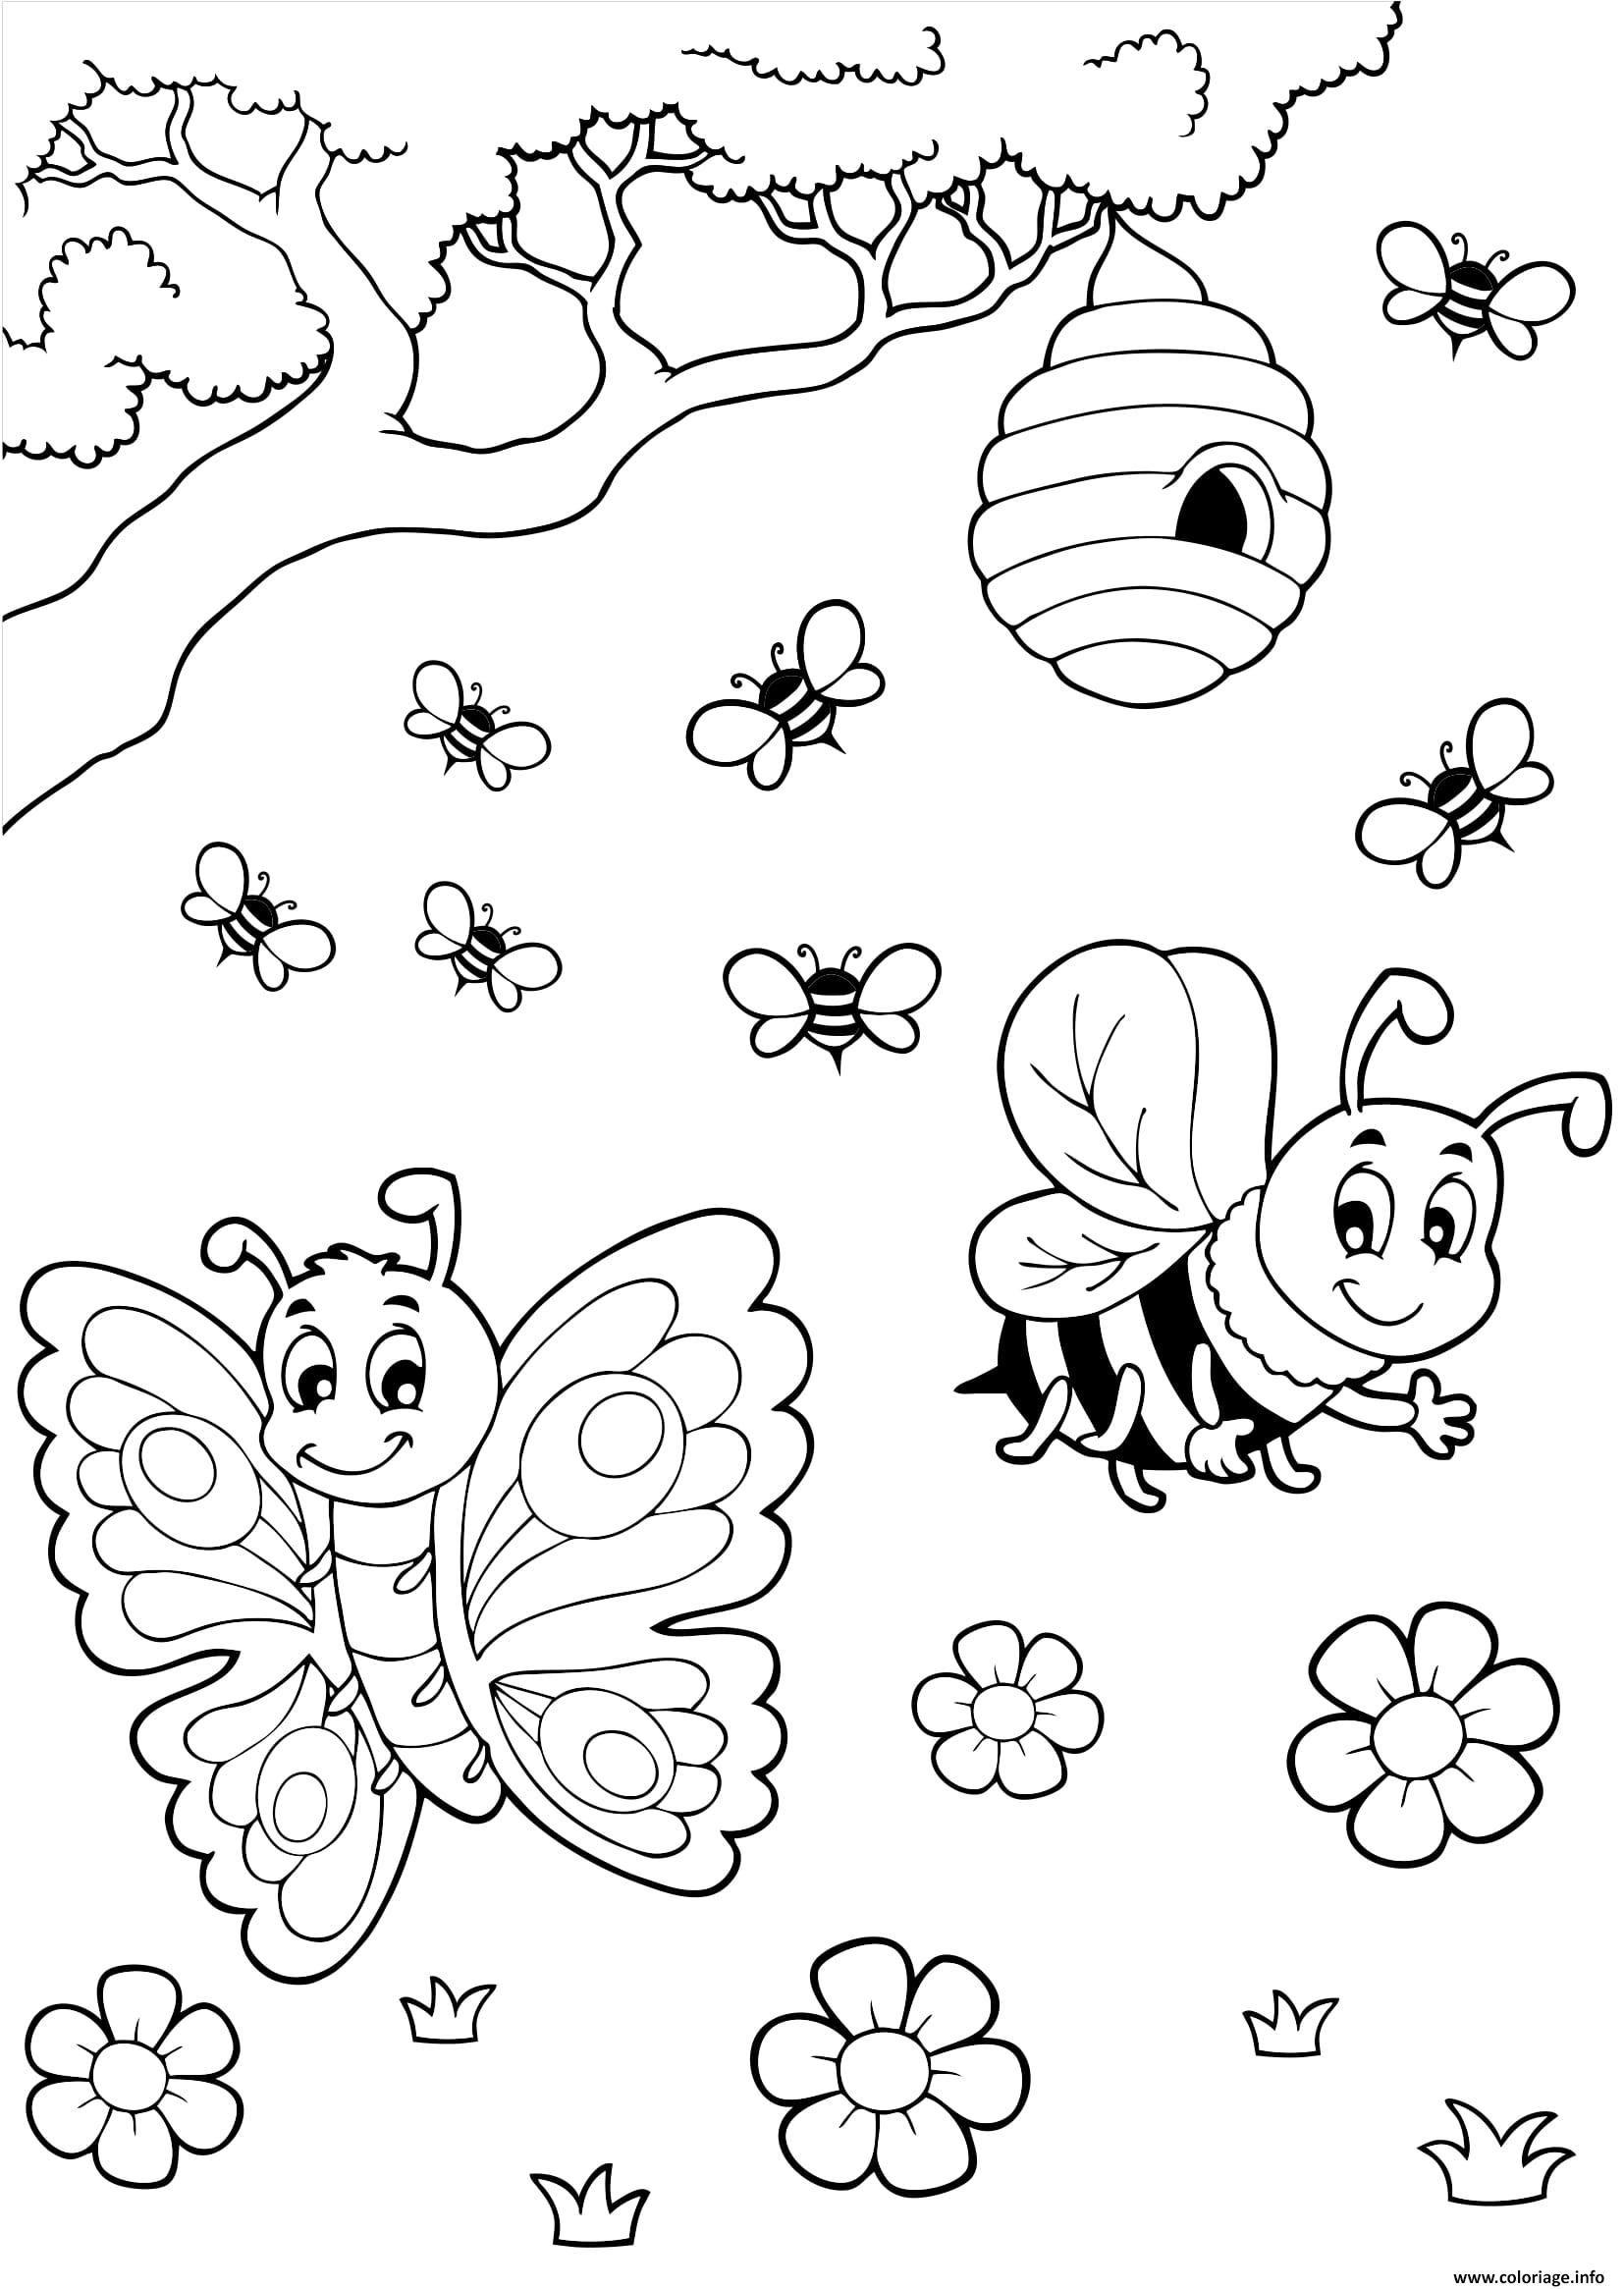 Coloriage Papillon Et Abeille.Coloriage Papillon Abeille Miel Dessin A Imprimer Inspirations